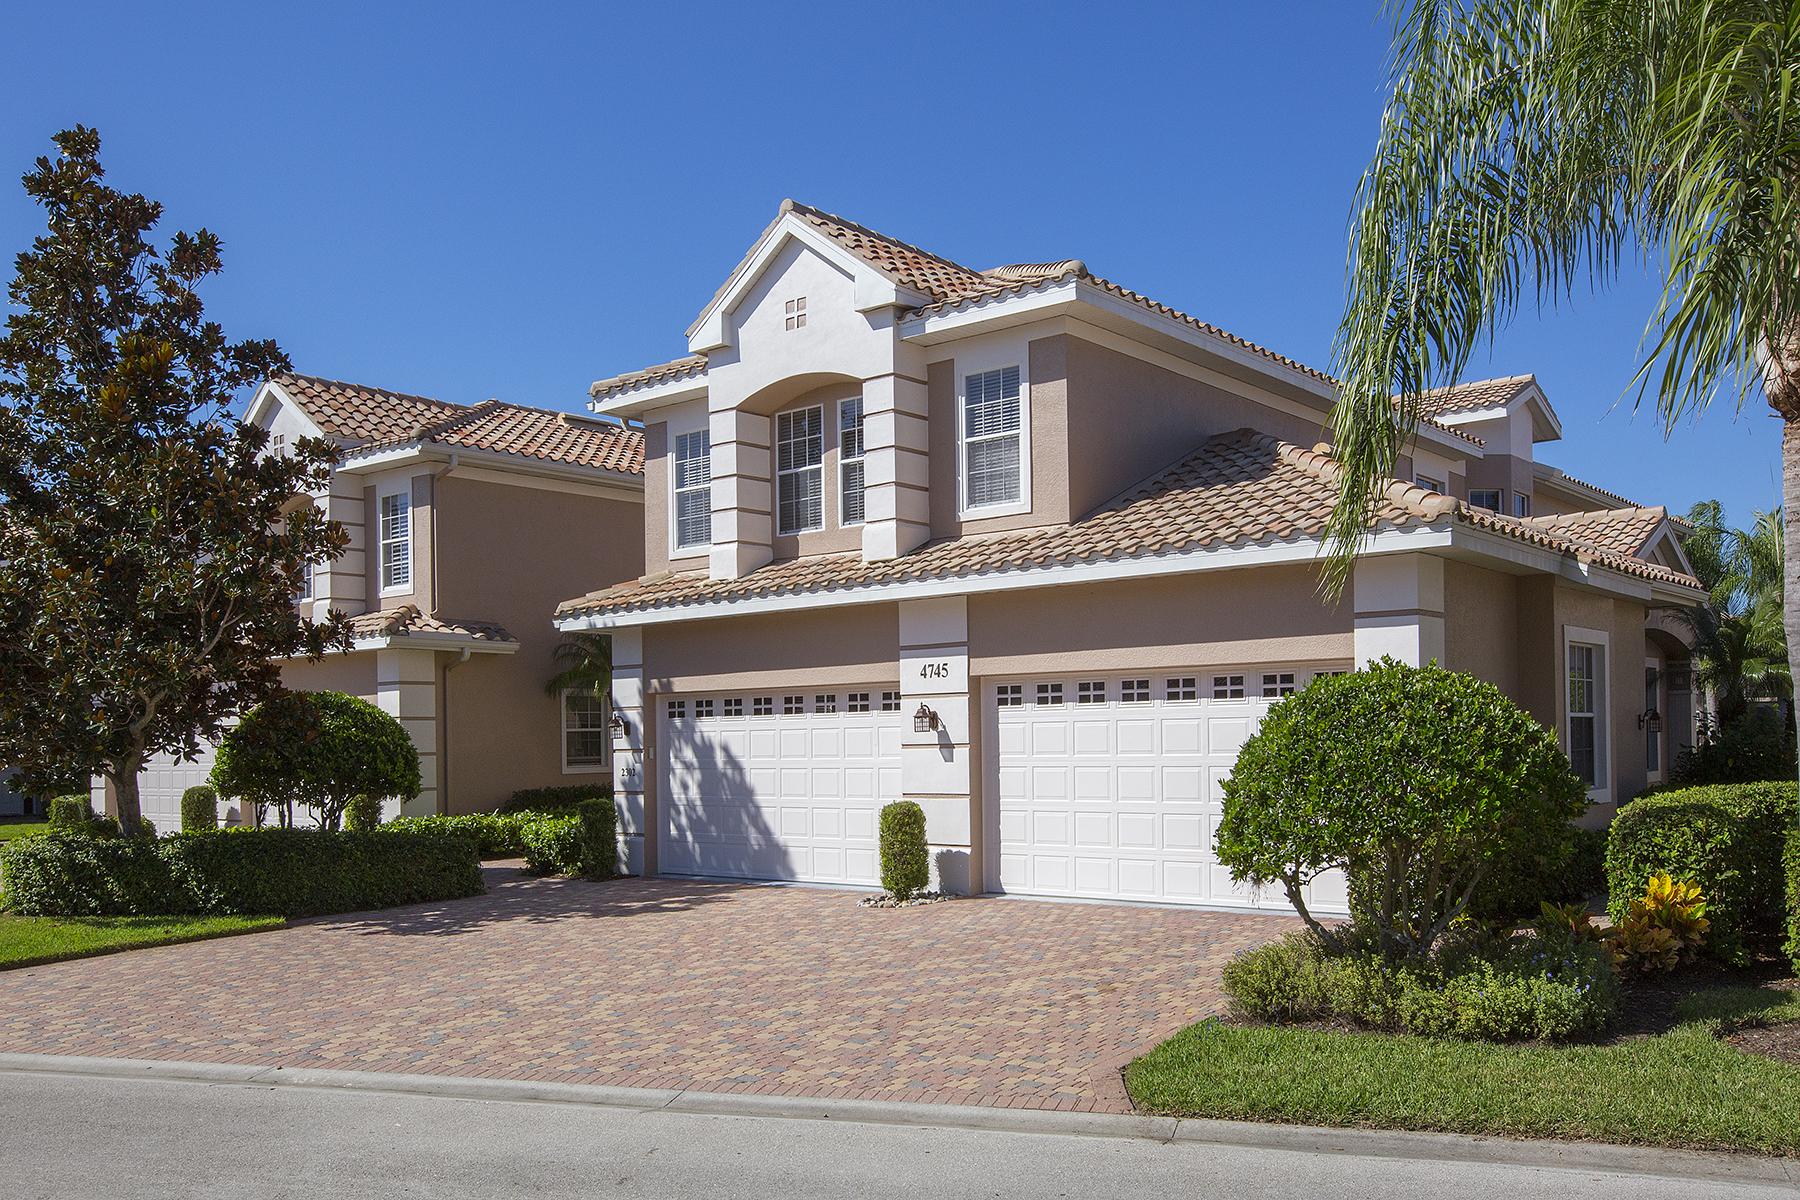 Copropriété pour l Vente à KENSINGTON - WELLINGTON PLACE ll 4745 Stratford Ct 2304 Naples, Florida, 34105 États-Unis